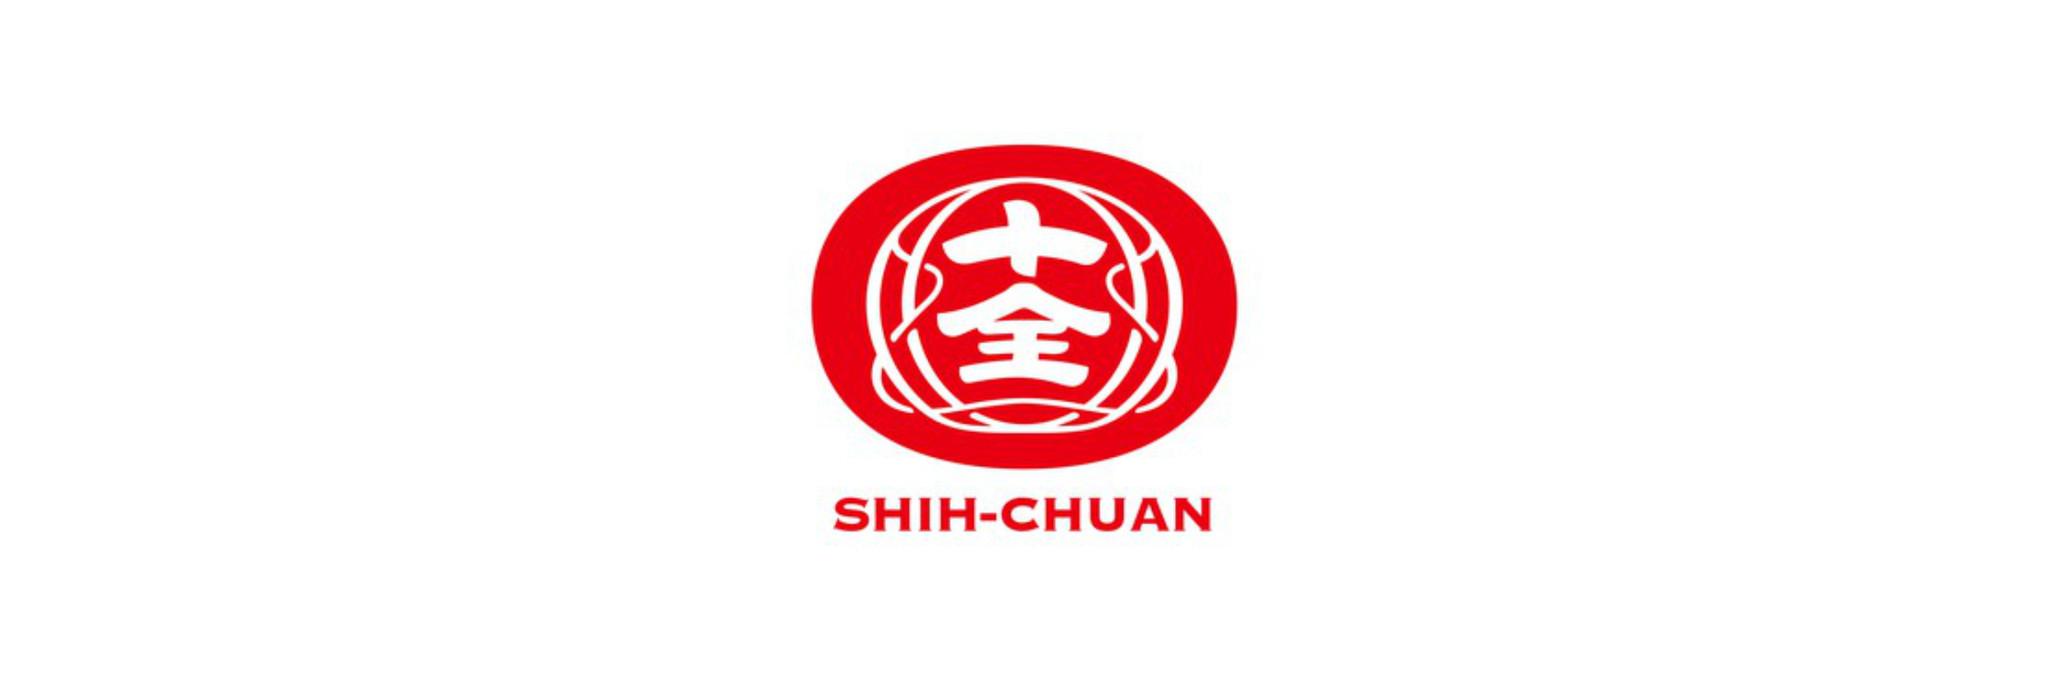 SHIH CHUAN